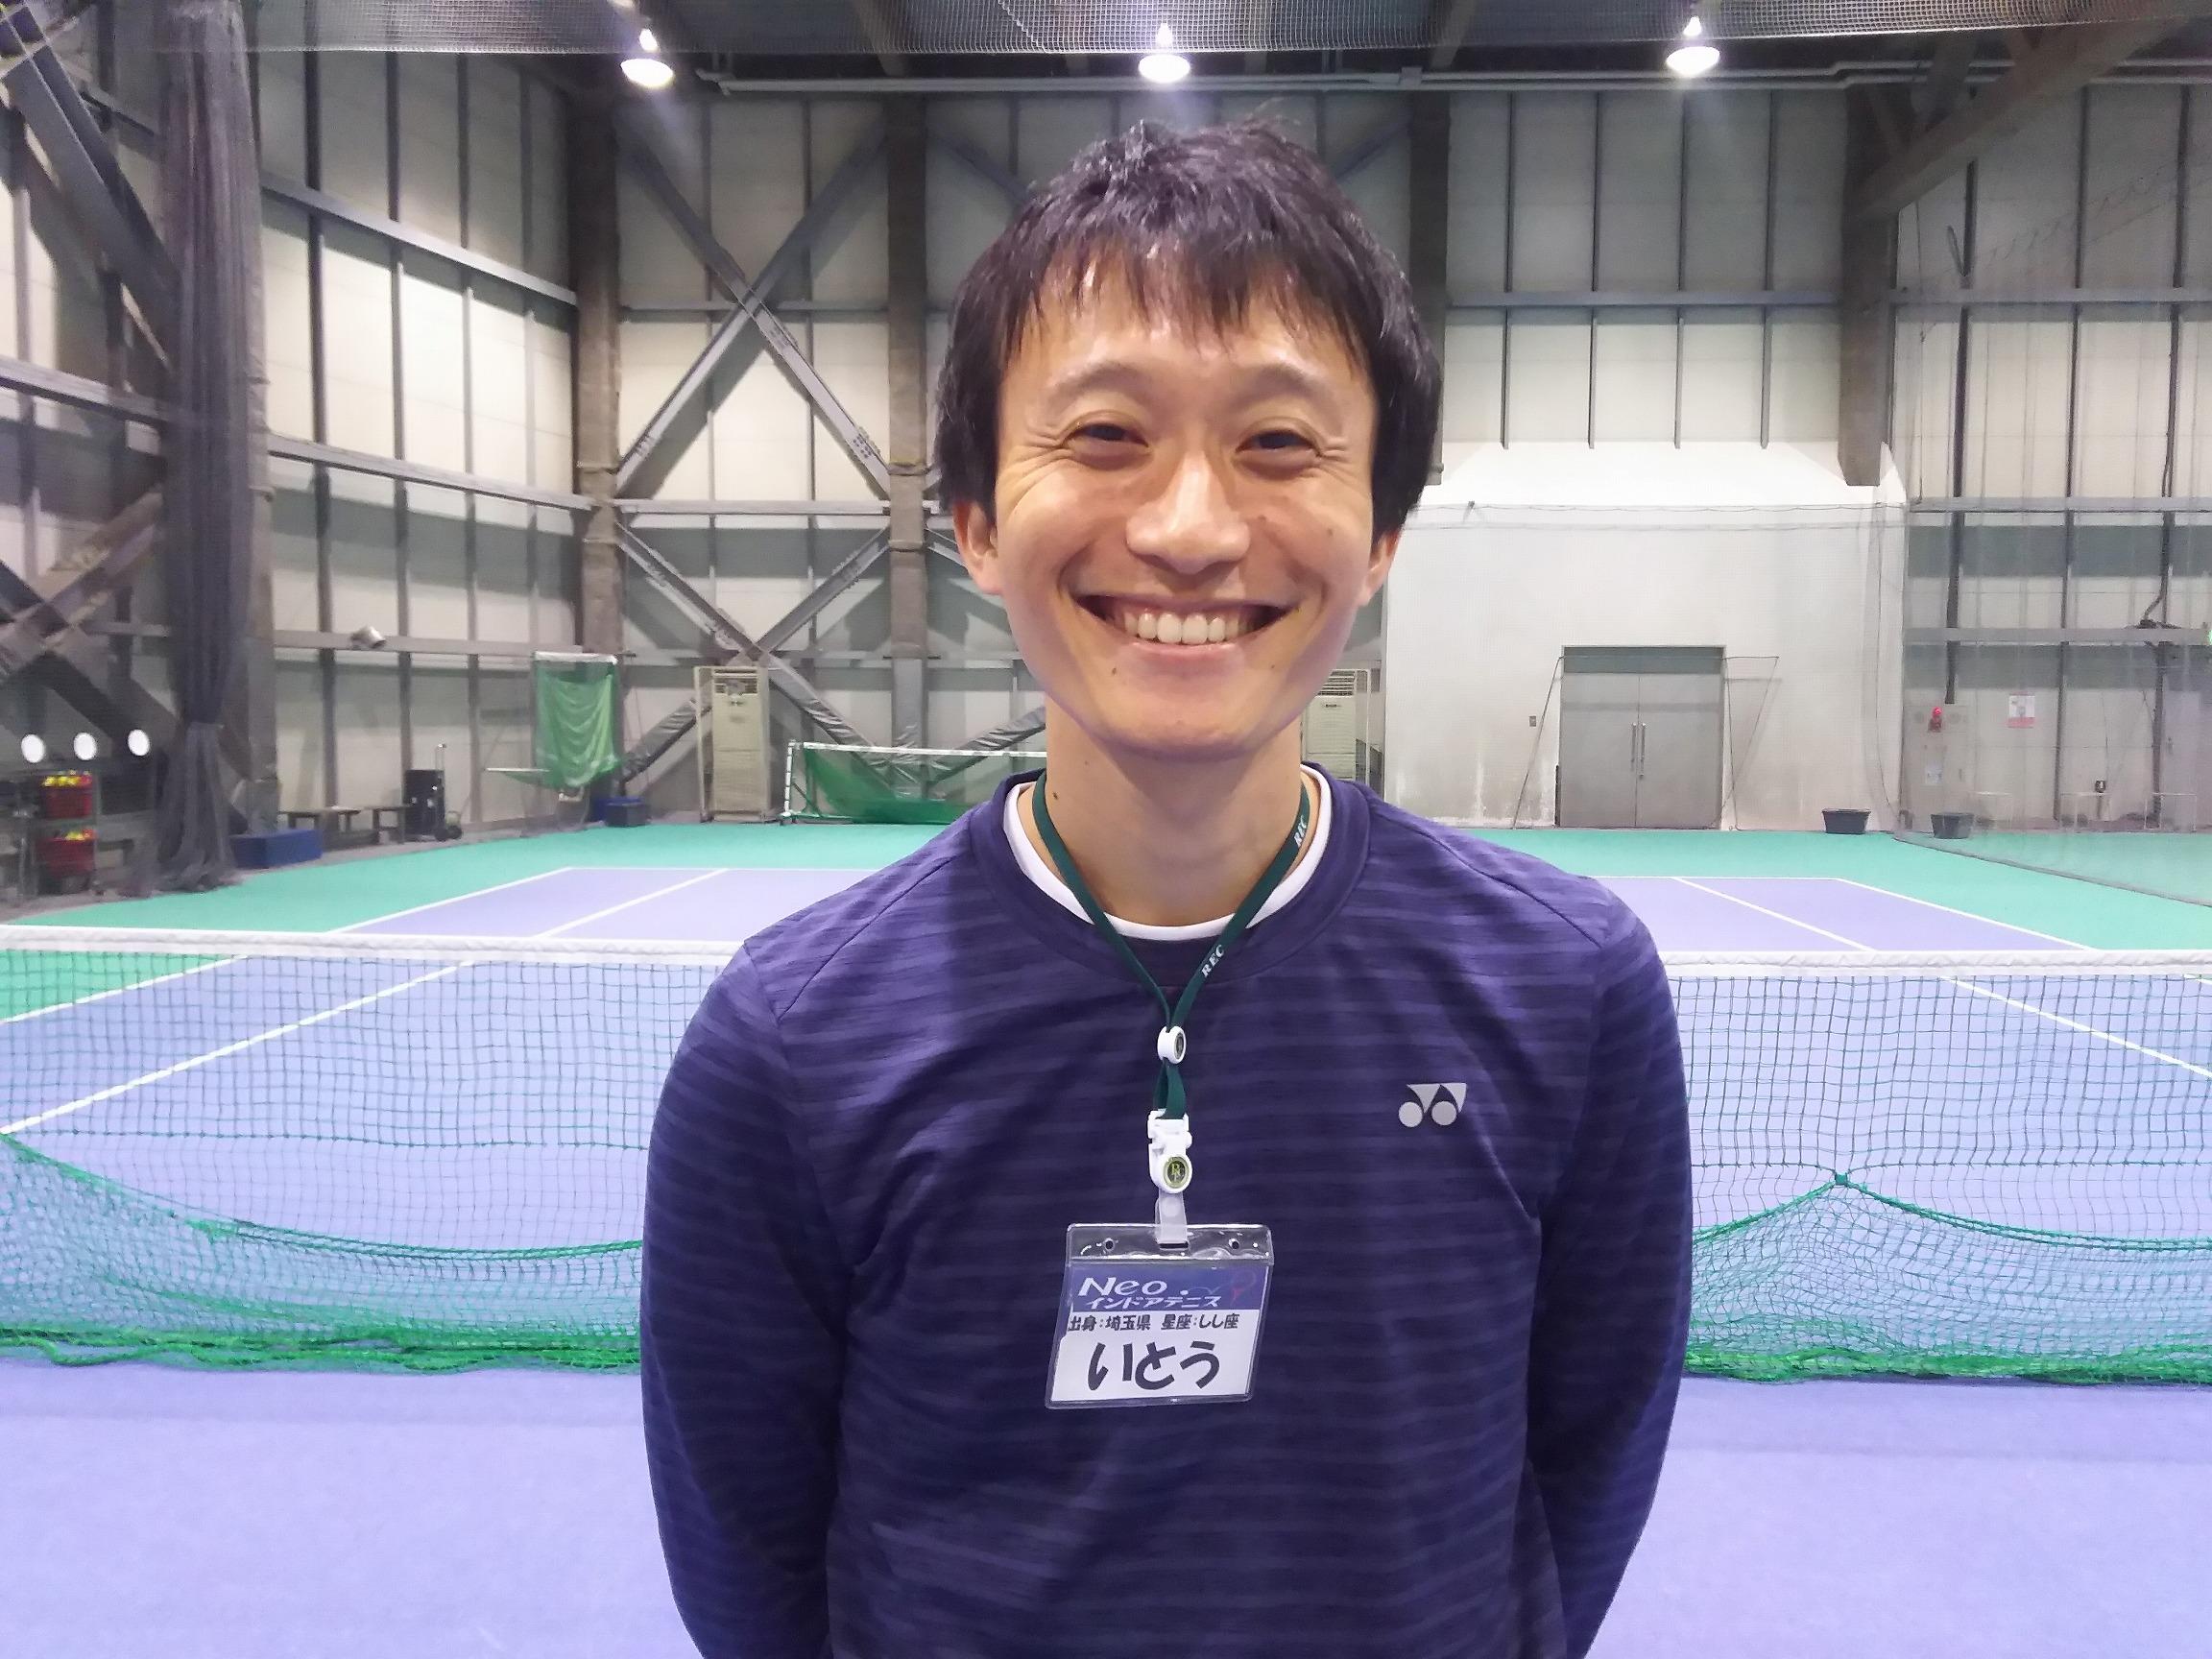 伊藤達郎(いとうたつろう) コーチ